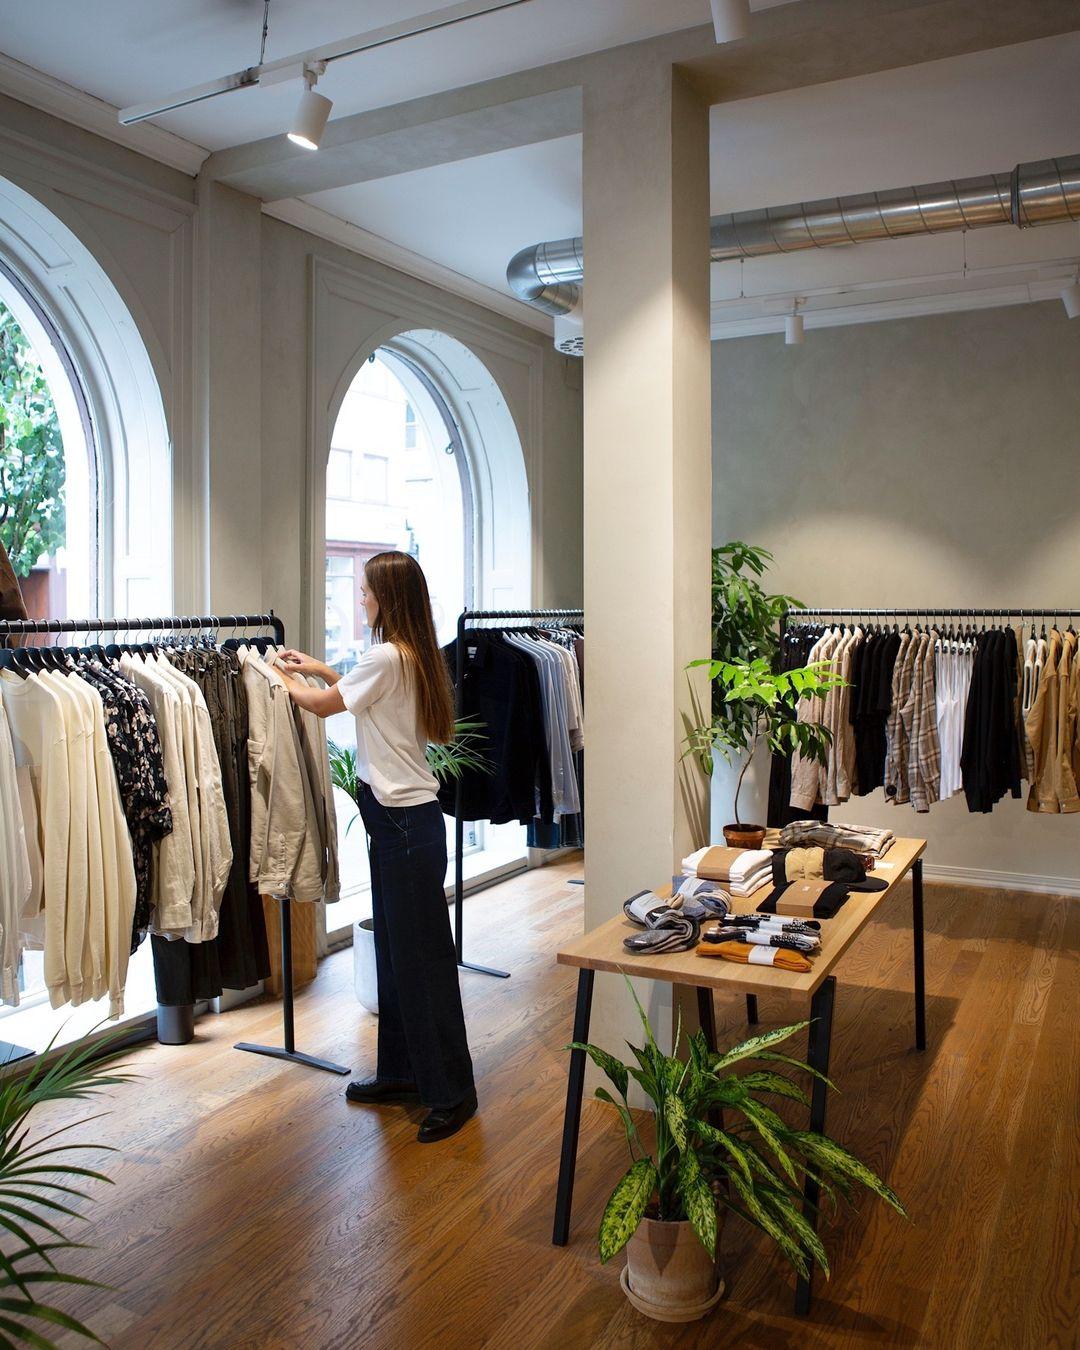 Bilde fra Livid sin butikk i Prinsens gate